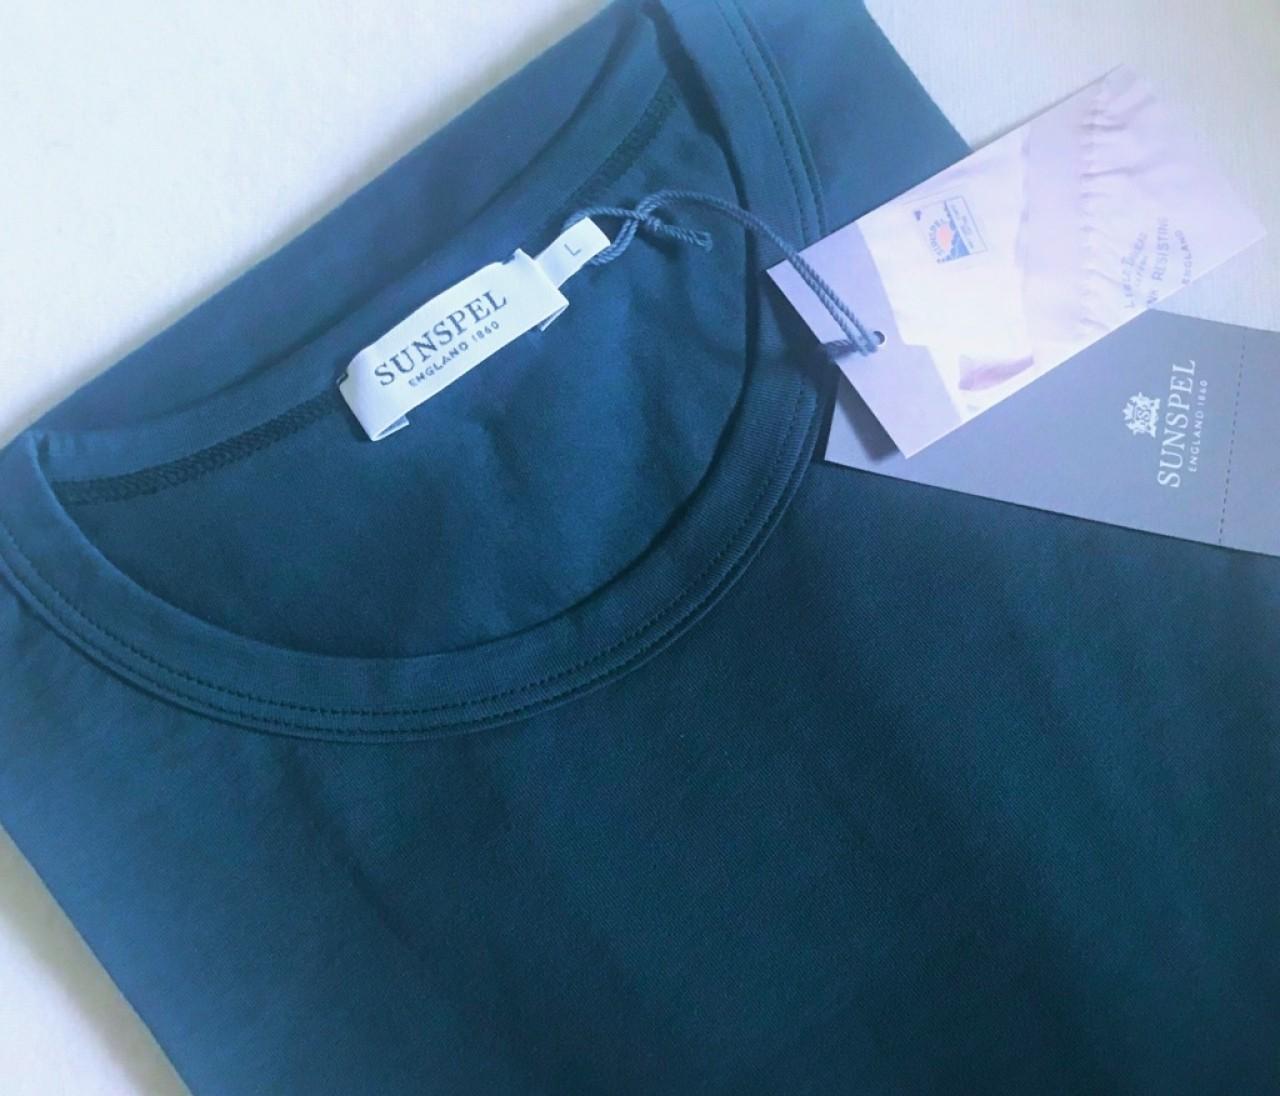 三十路の体を綺麗に、おしゃれに見せるメンズの名品Tシャツ